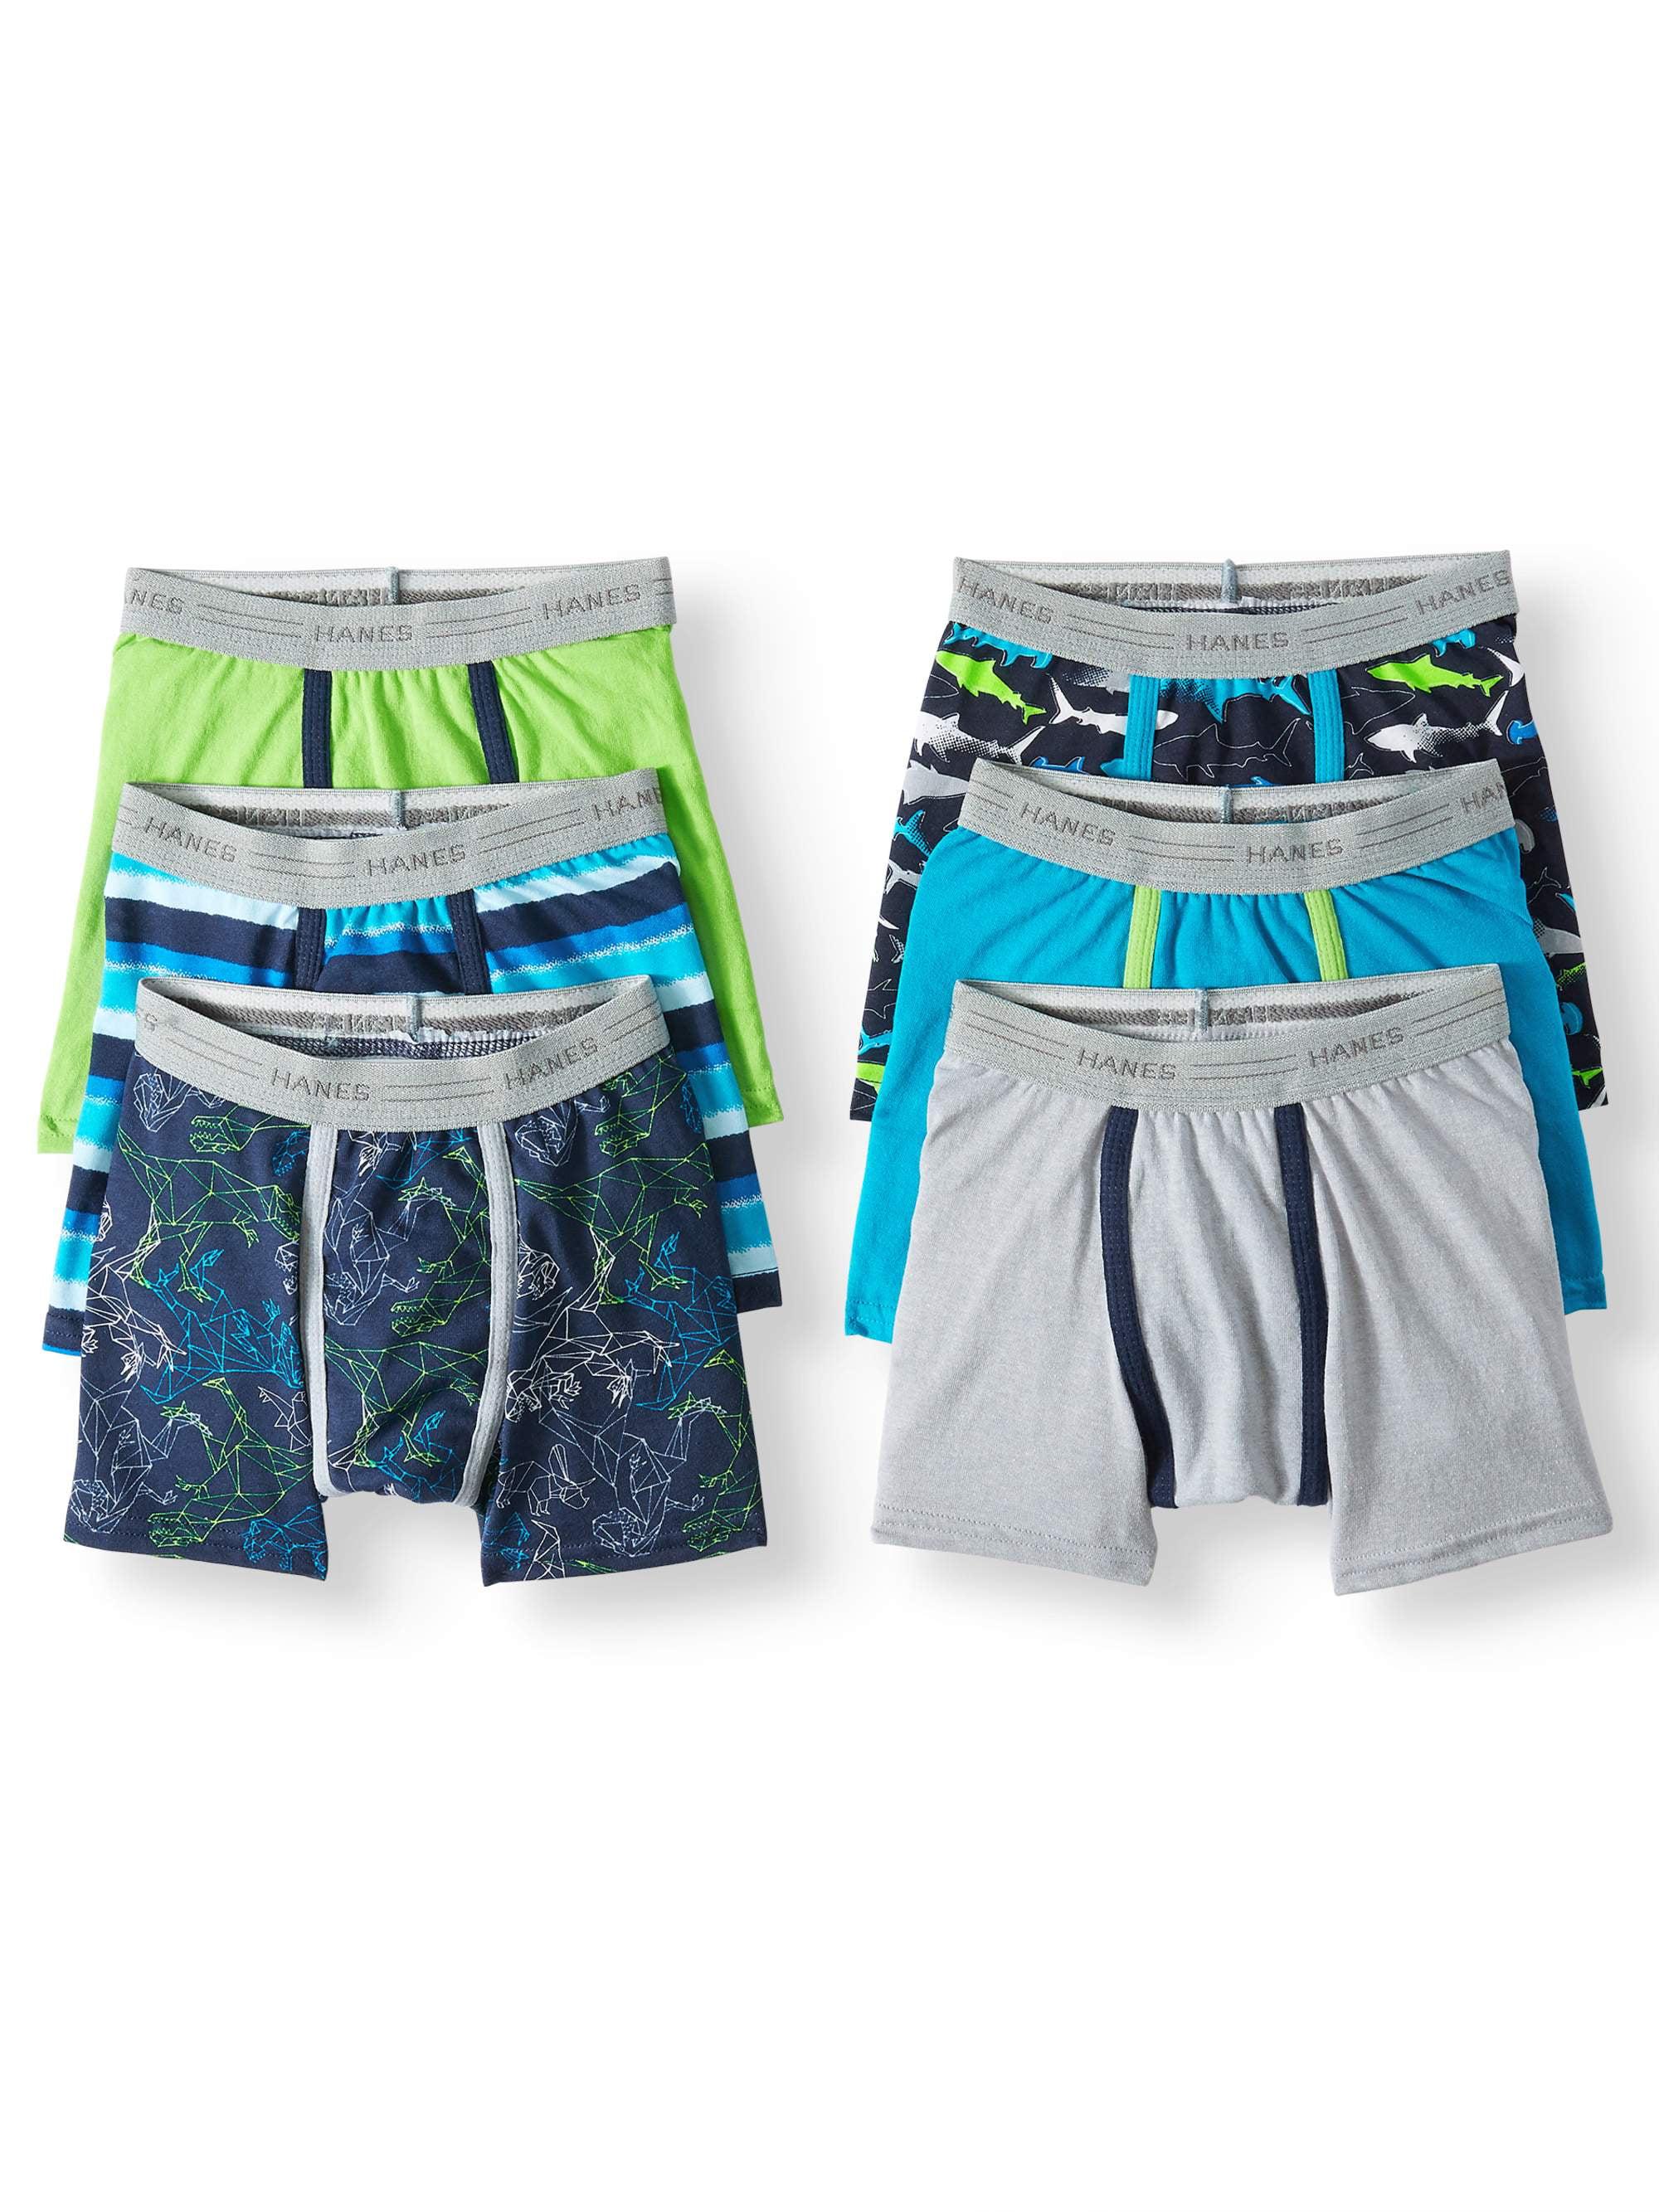 Hanes EcoSmart Tagless Boxer Brief Underwear, 6-Pack (Toddler Boys)